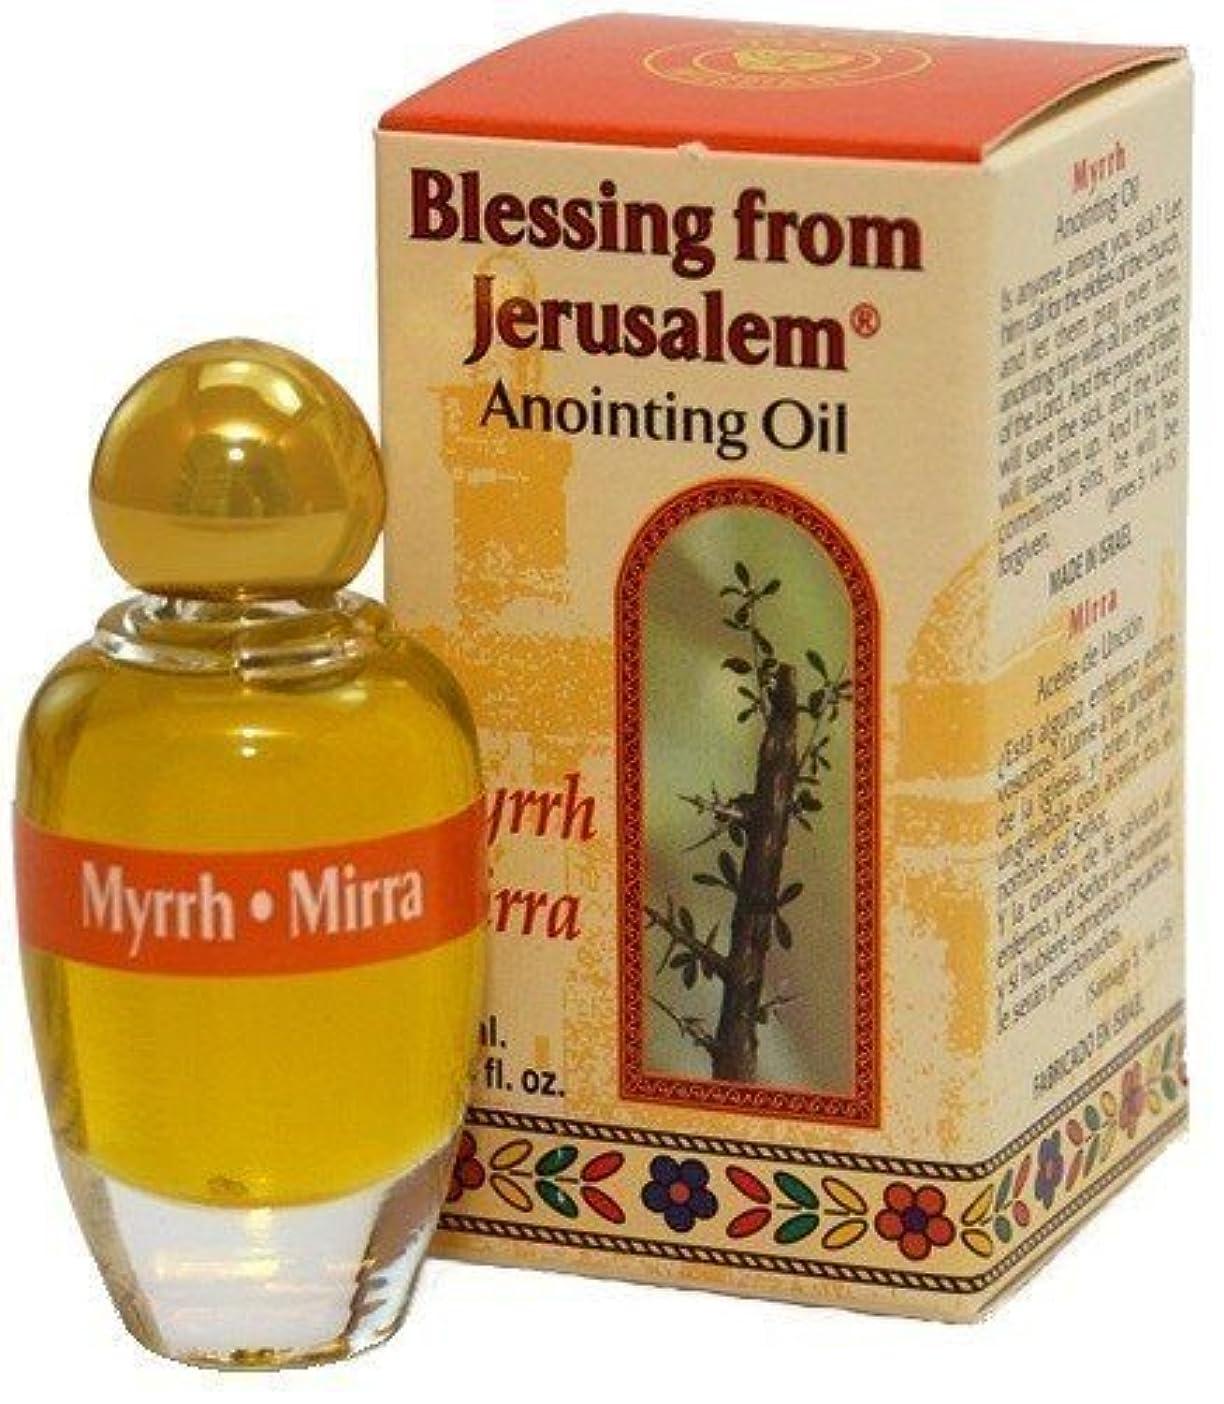 音楽同様のとしてミルラ – BlessingからエルサレムAnointingオイル – 10 ml ( .34 FLオンス) byベツレヘムギフトTM